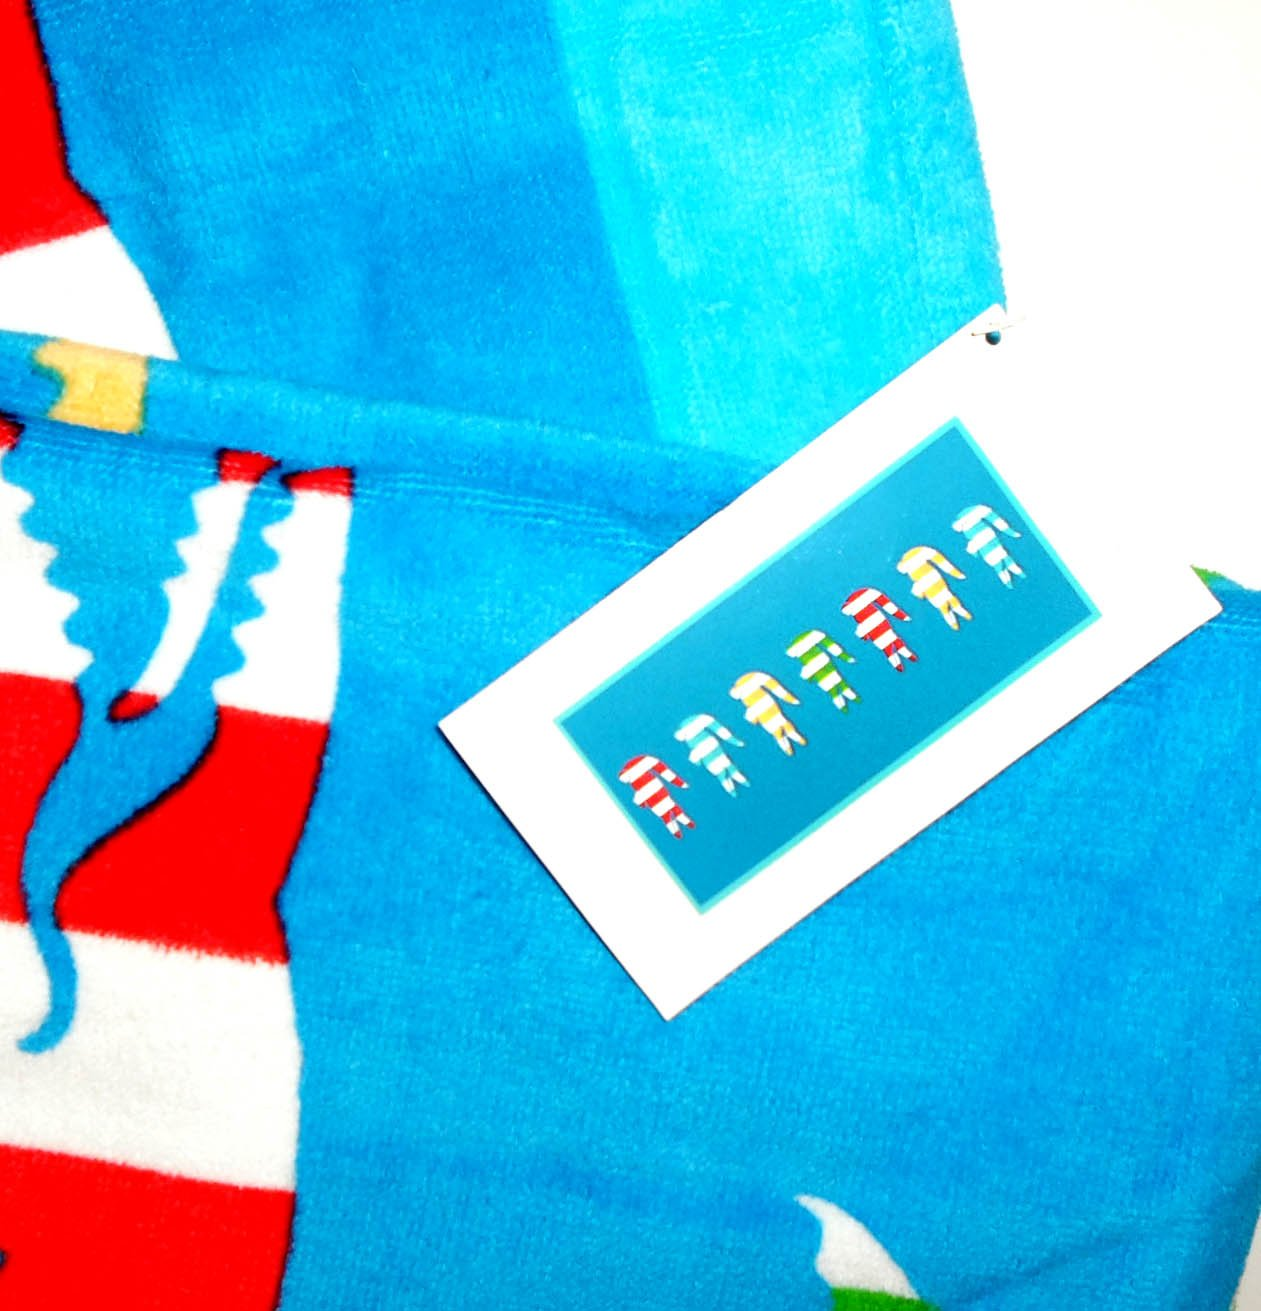 Lacoste Toalla Toalla de baño sauna Beach Towel turquesa azul: Amazon.es: Hogar